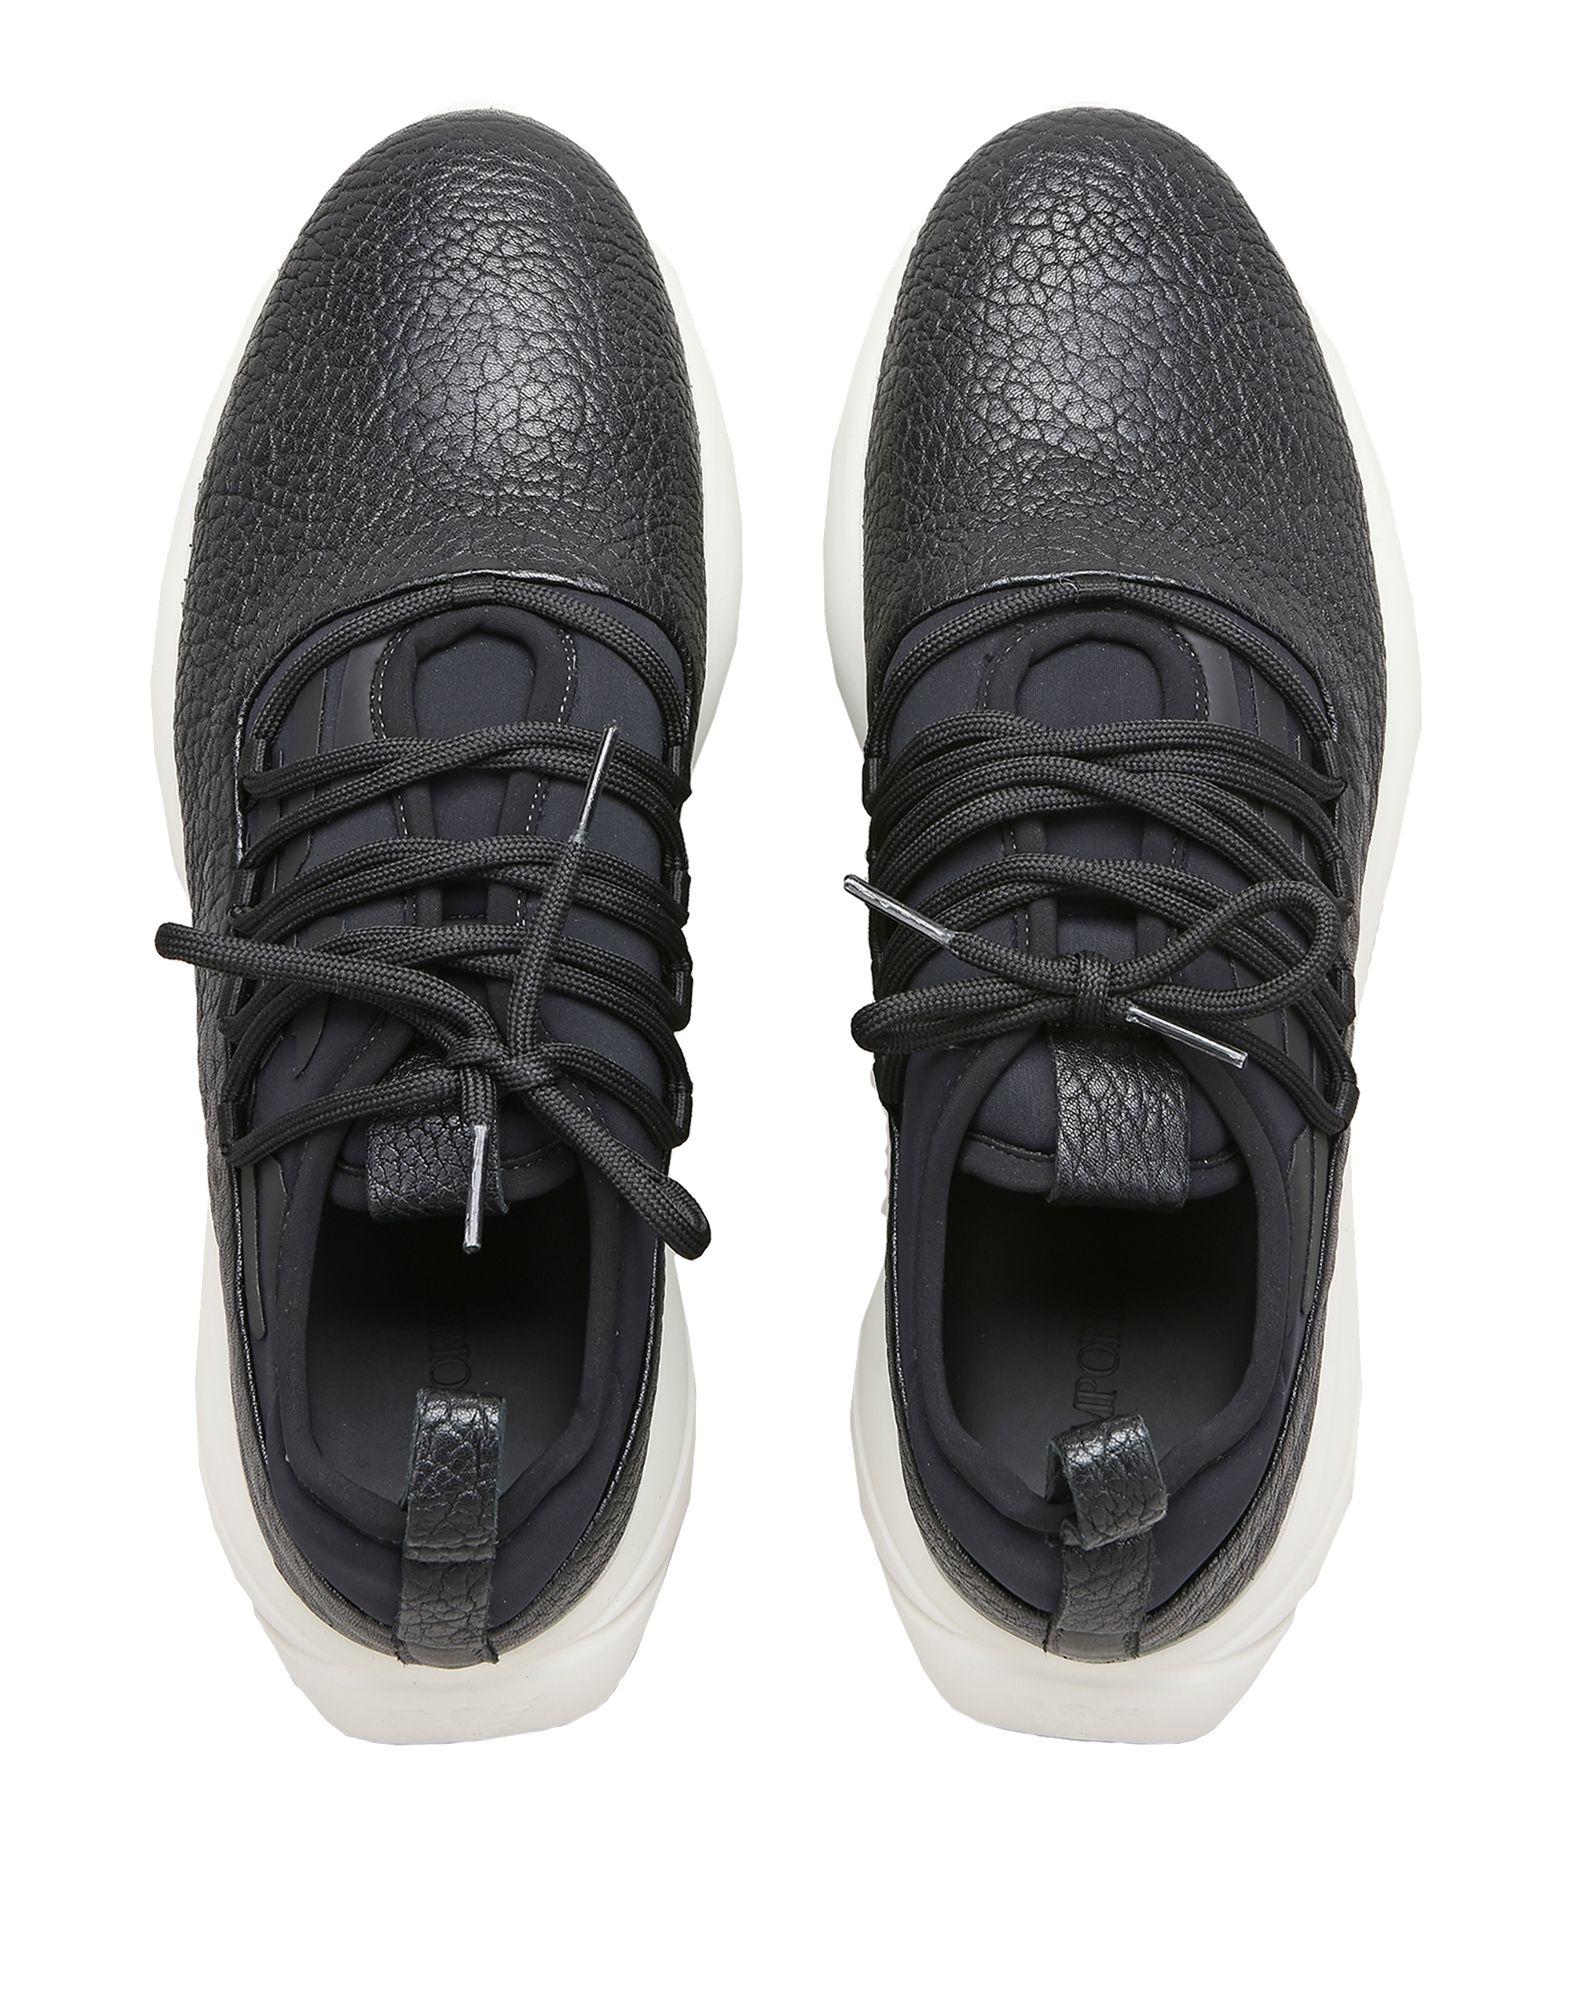 Emporio Armani Sneakers Herren Gutes Gutes Herren Preis-Leistungs-Verhältnis, es lohnt sich d1e425